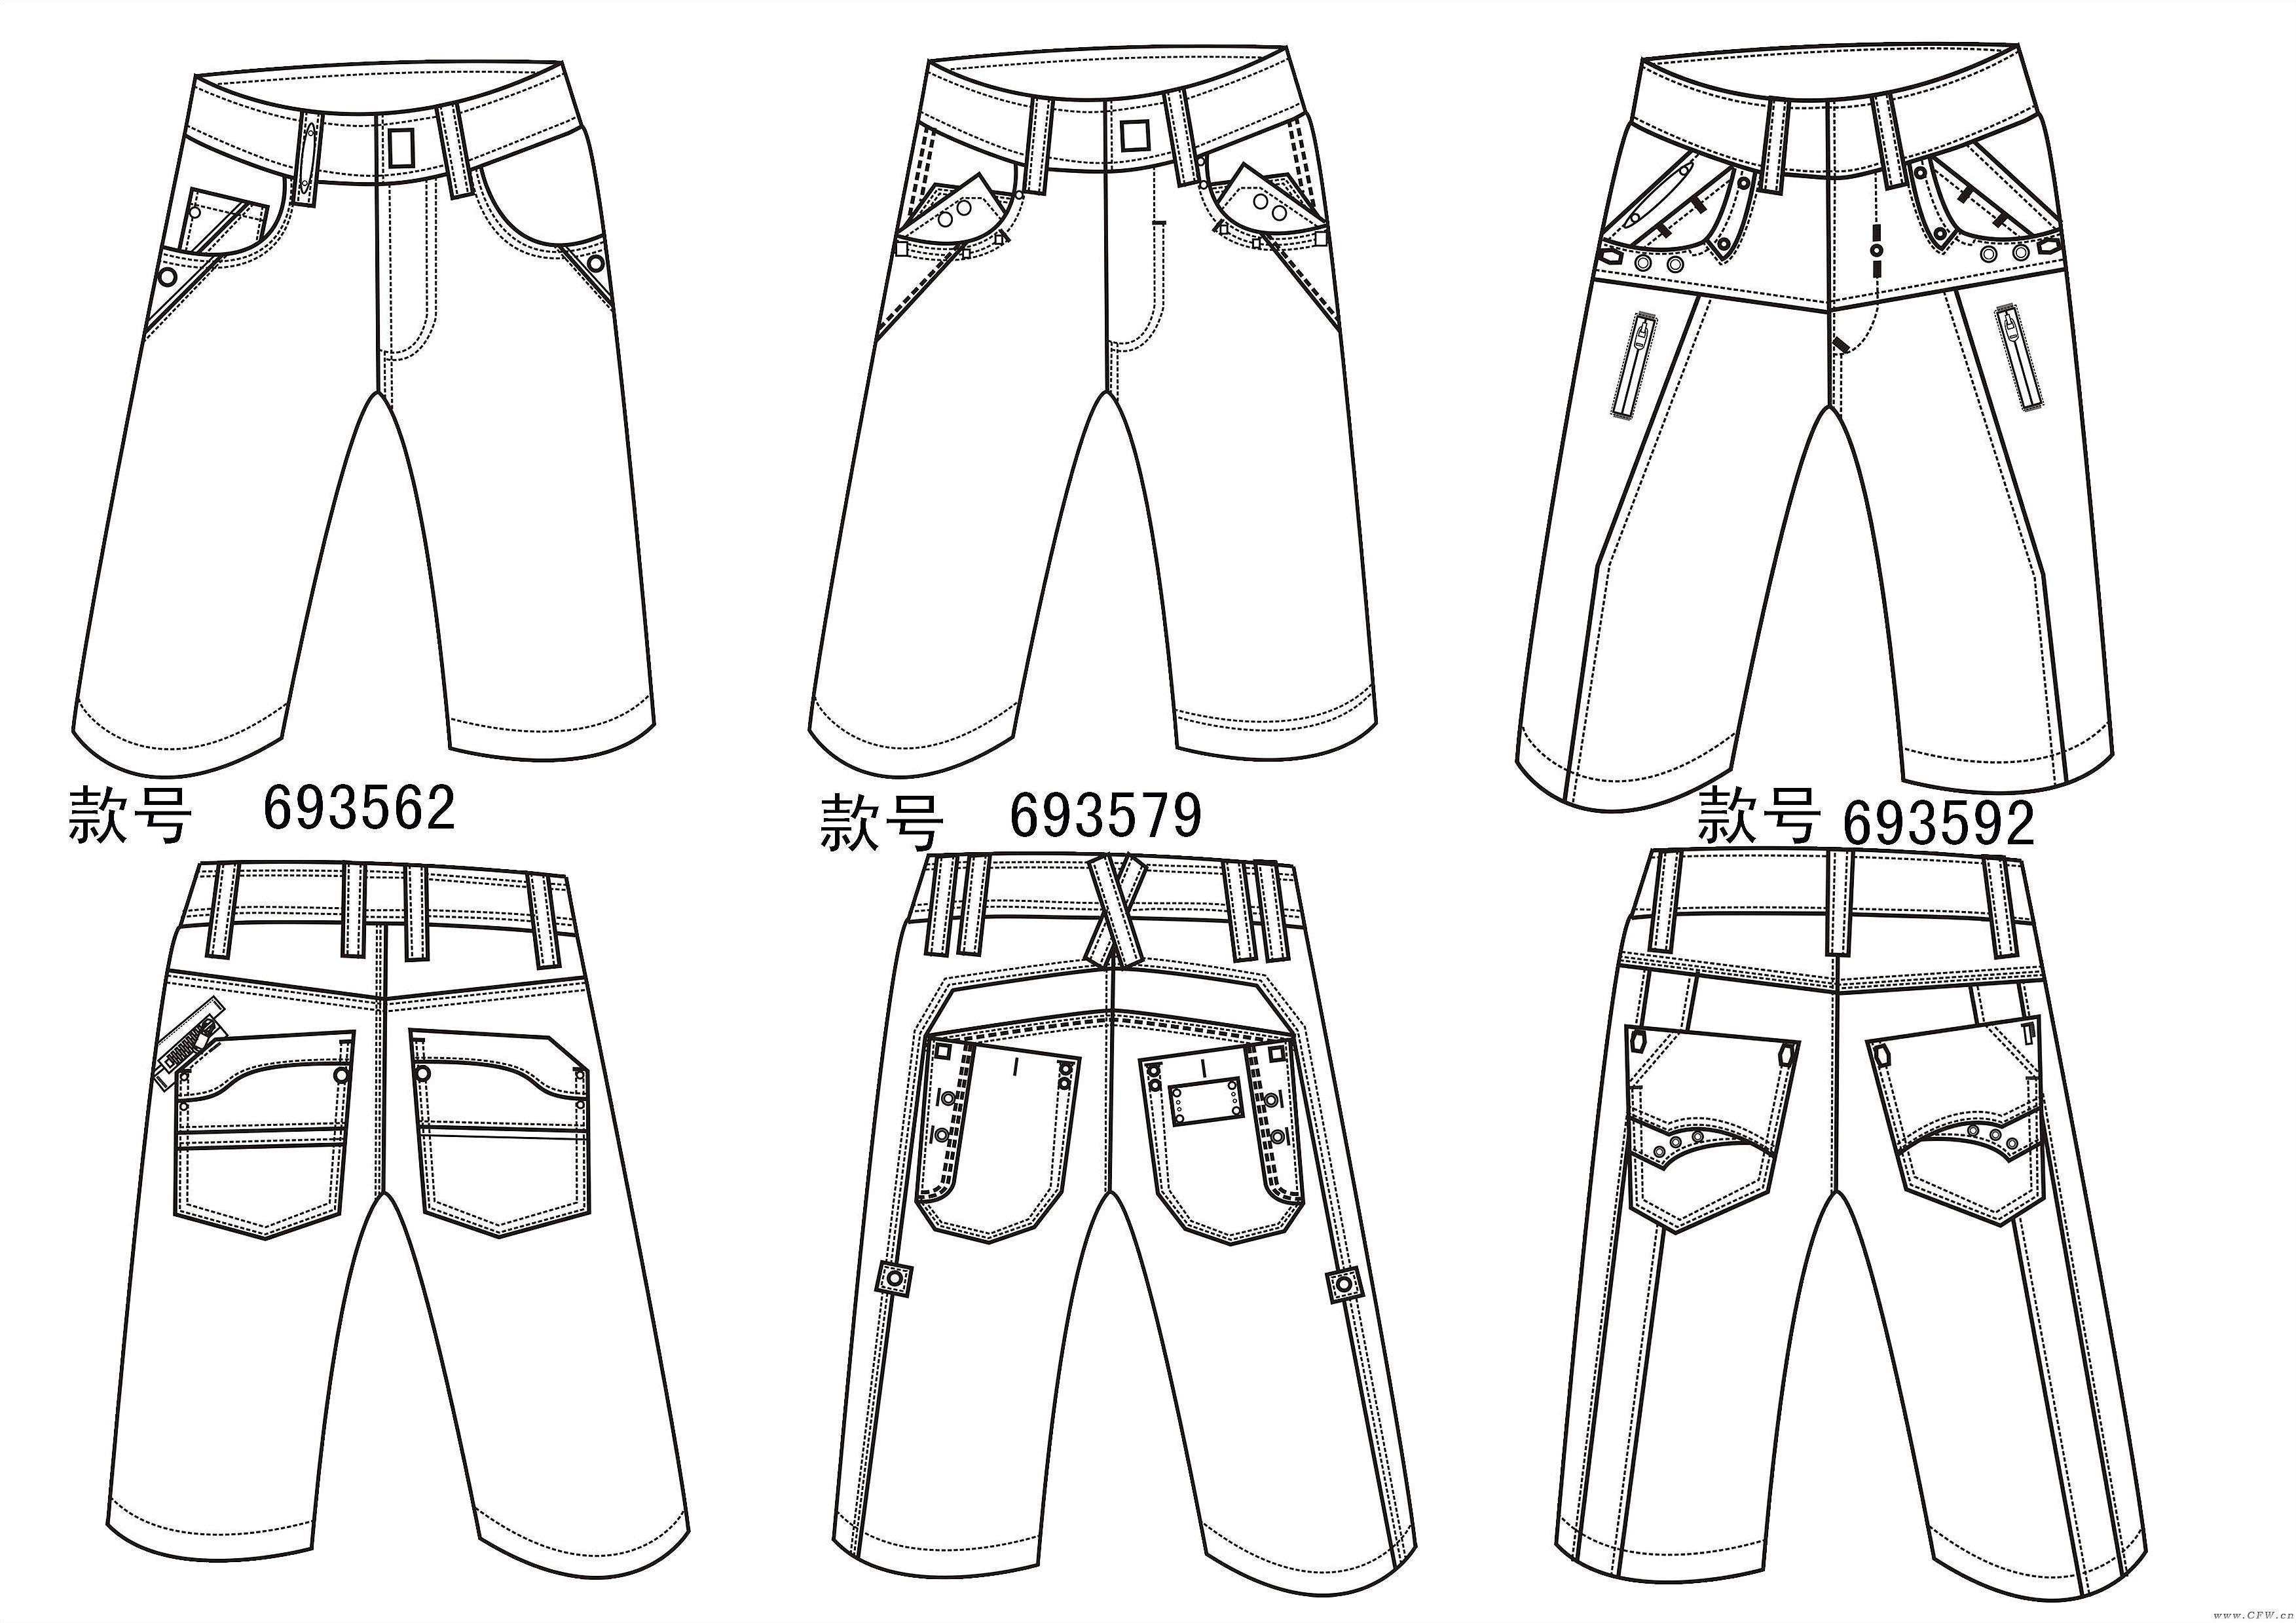 休闲牛仔短裤作品-休闲牛仔短裤款式图